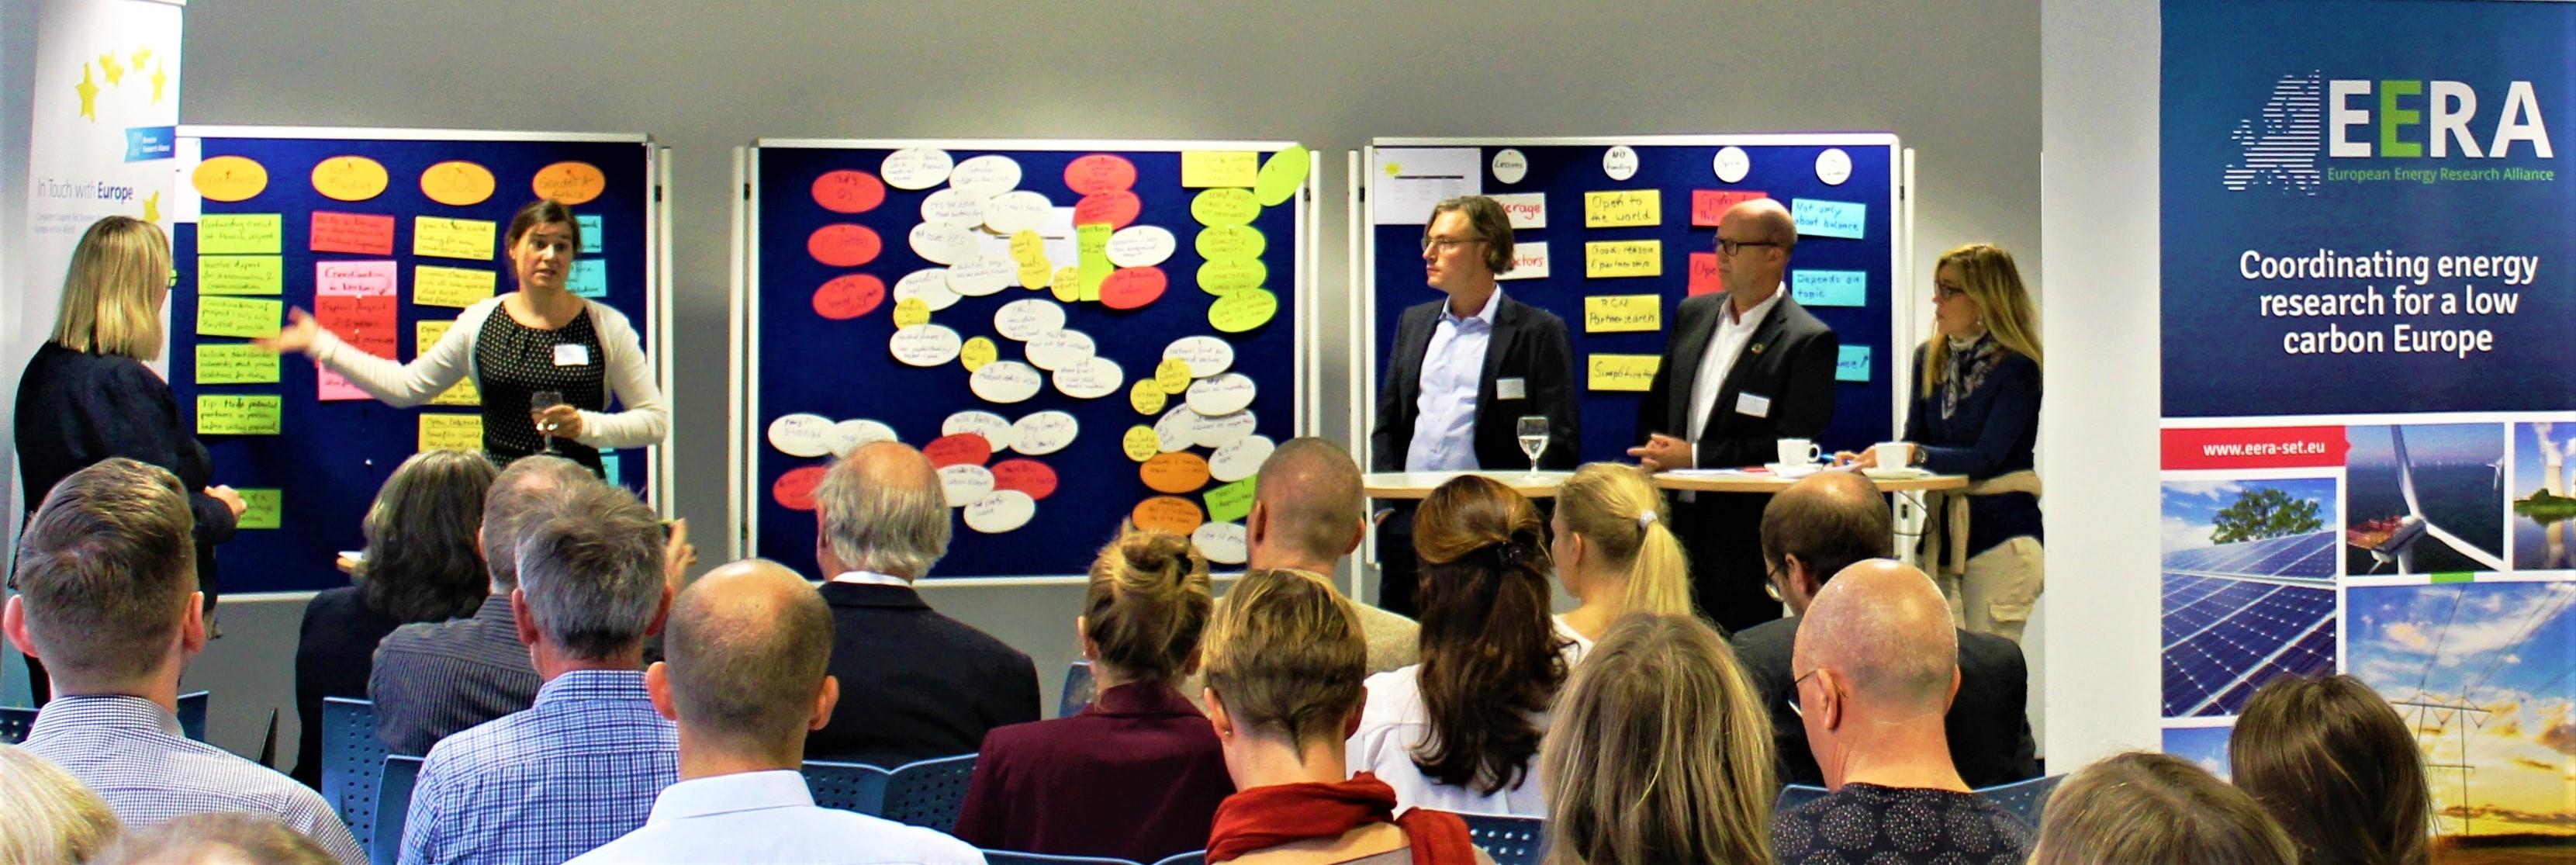 Ein interaktives Workshop-Konzept ermöglichte den regen Austausch der Teilnehmer und die Vermittlung neuen Wissens sowie wertvoller Erfahrungswerte.V.l.n.r.: Bente Bakos, RCN; Andrea Reiter und Andreas Blume, BayFOR; Tor Ivar Eikaas und Marianne Haavardsholm Aandahl, RCN©BayFOR